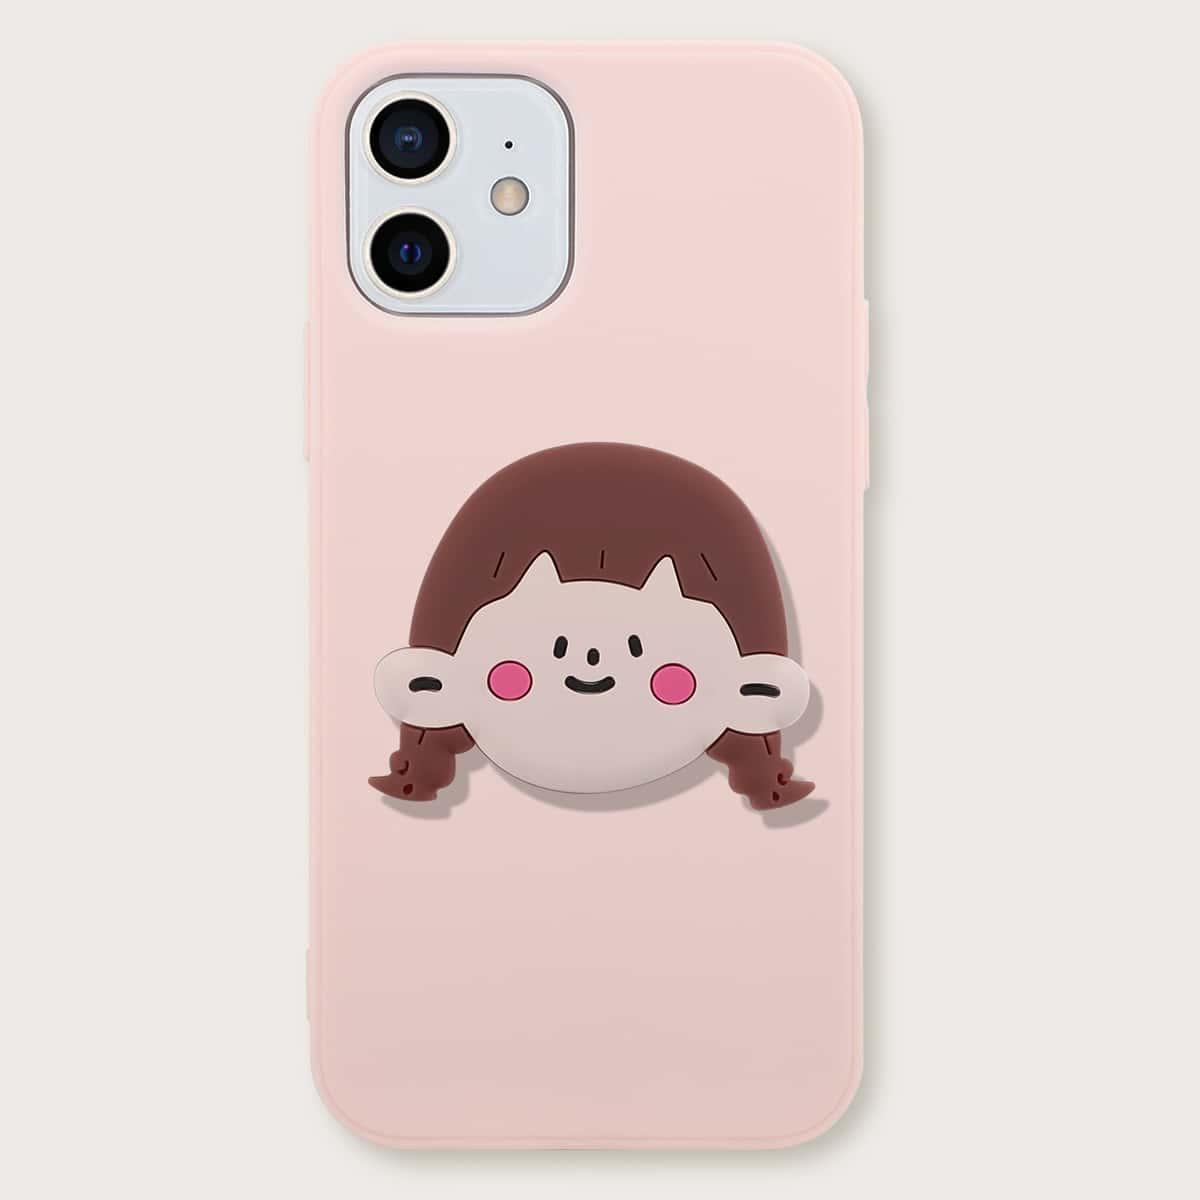 iPhone Hülle & Handyhalter mit Mädchen Design